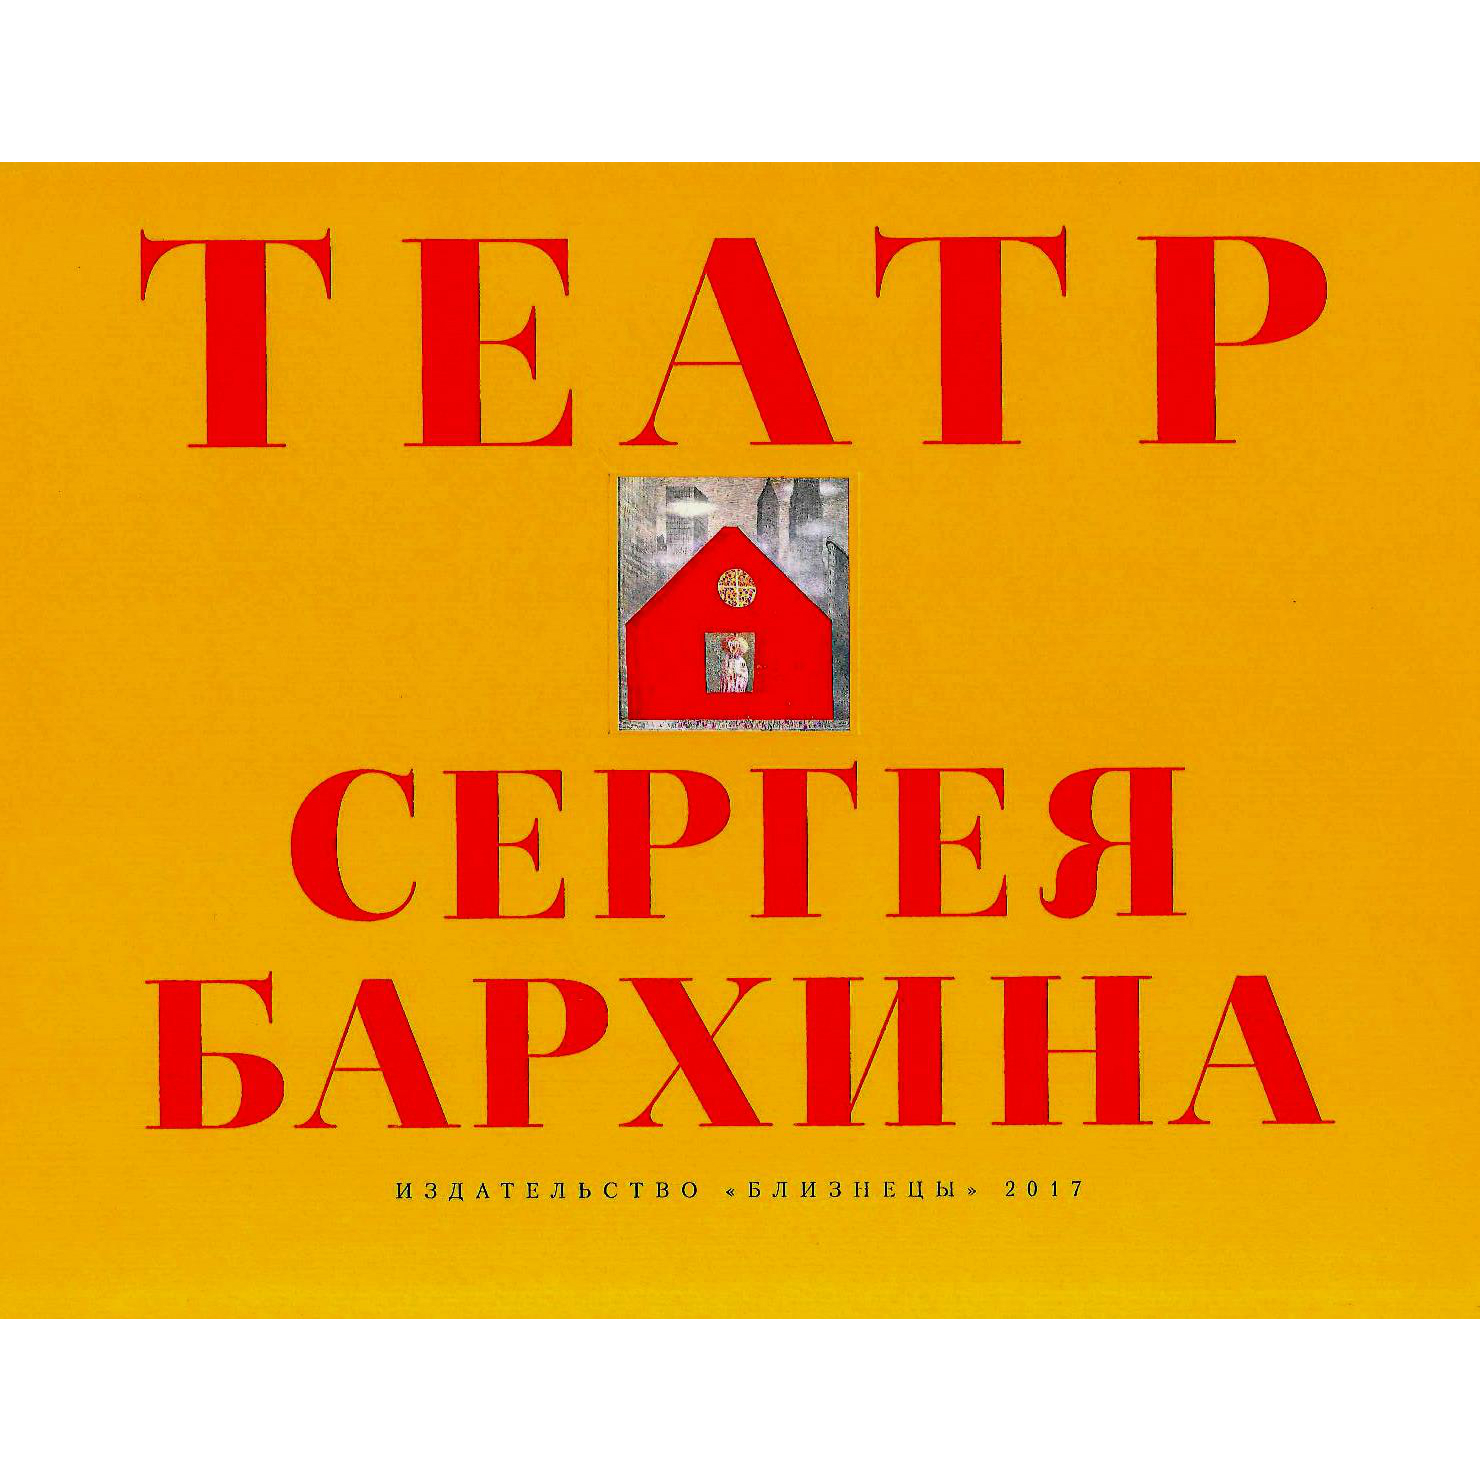 Театр Сергея Бархина кв